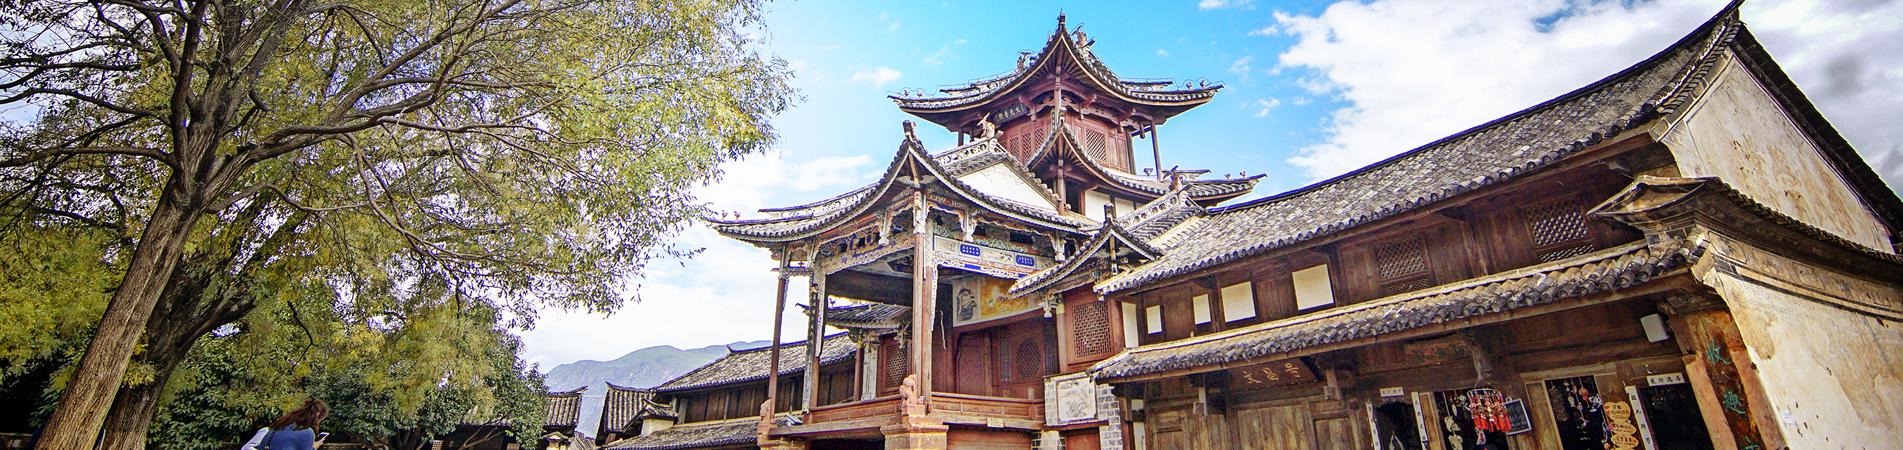 Circuits Yunnan